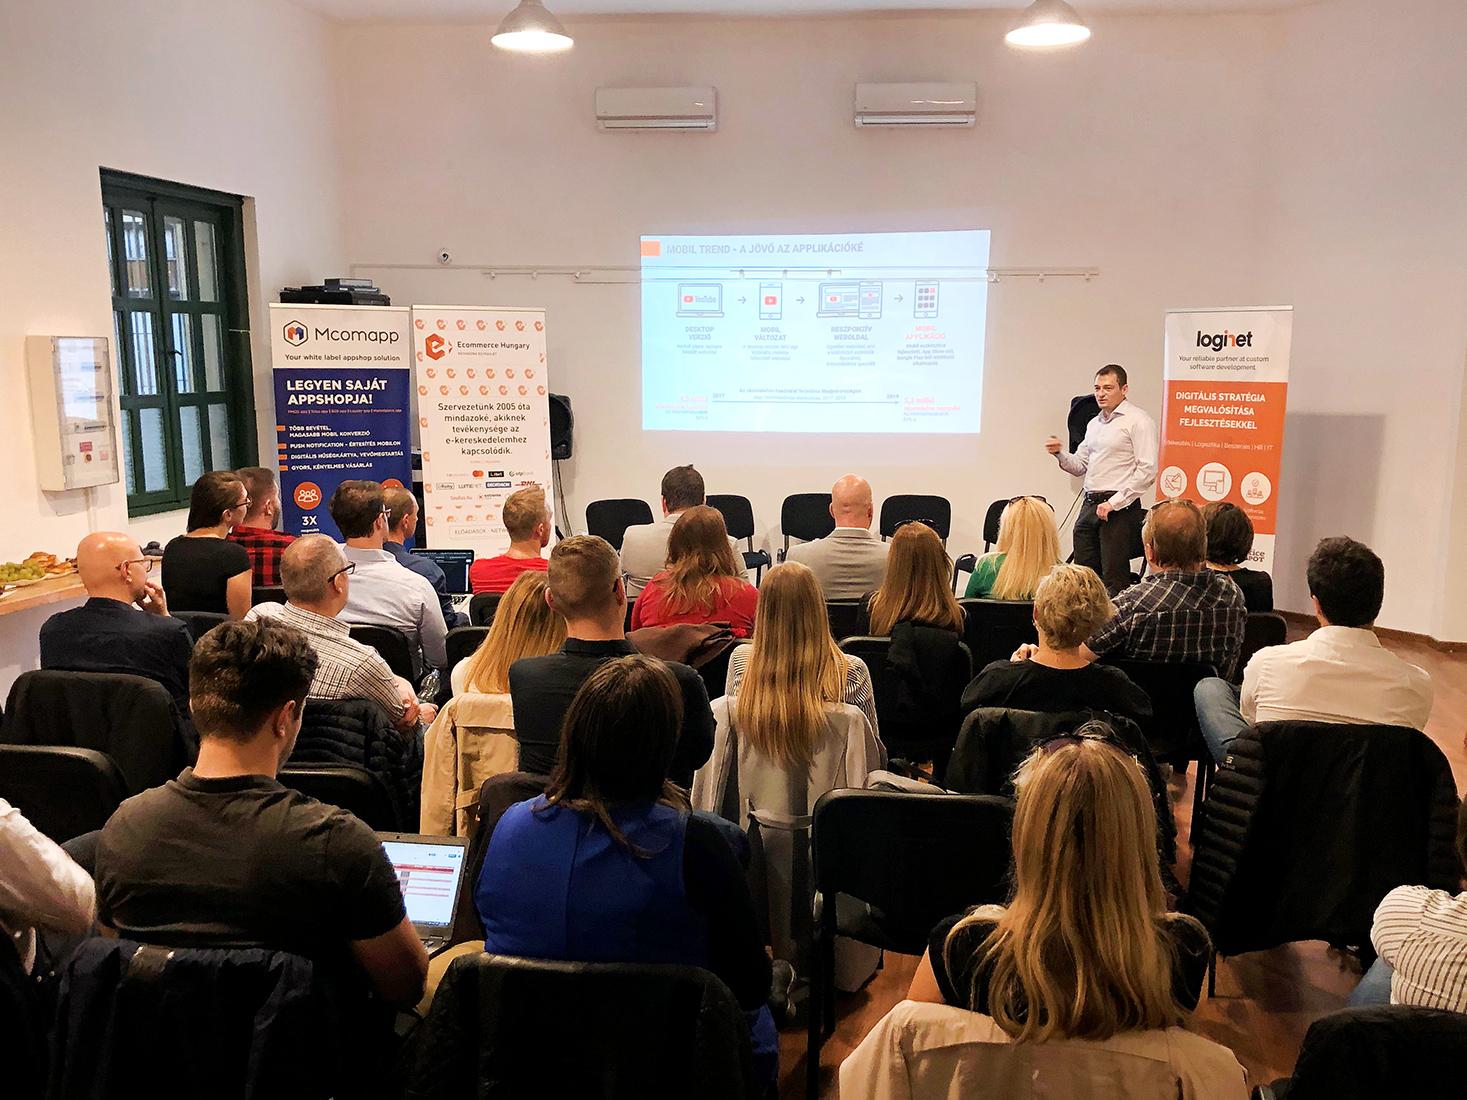 Az Ecommerce Hungary és a LogiNet közös Meetupja a mobilértékesítés lehetőségeiről